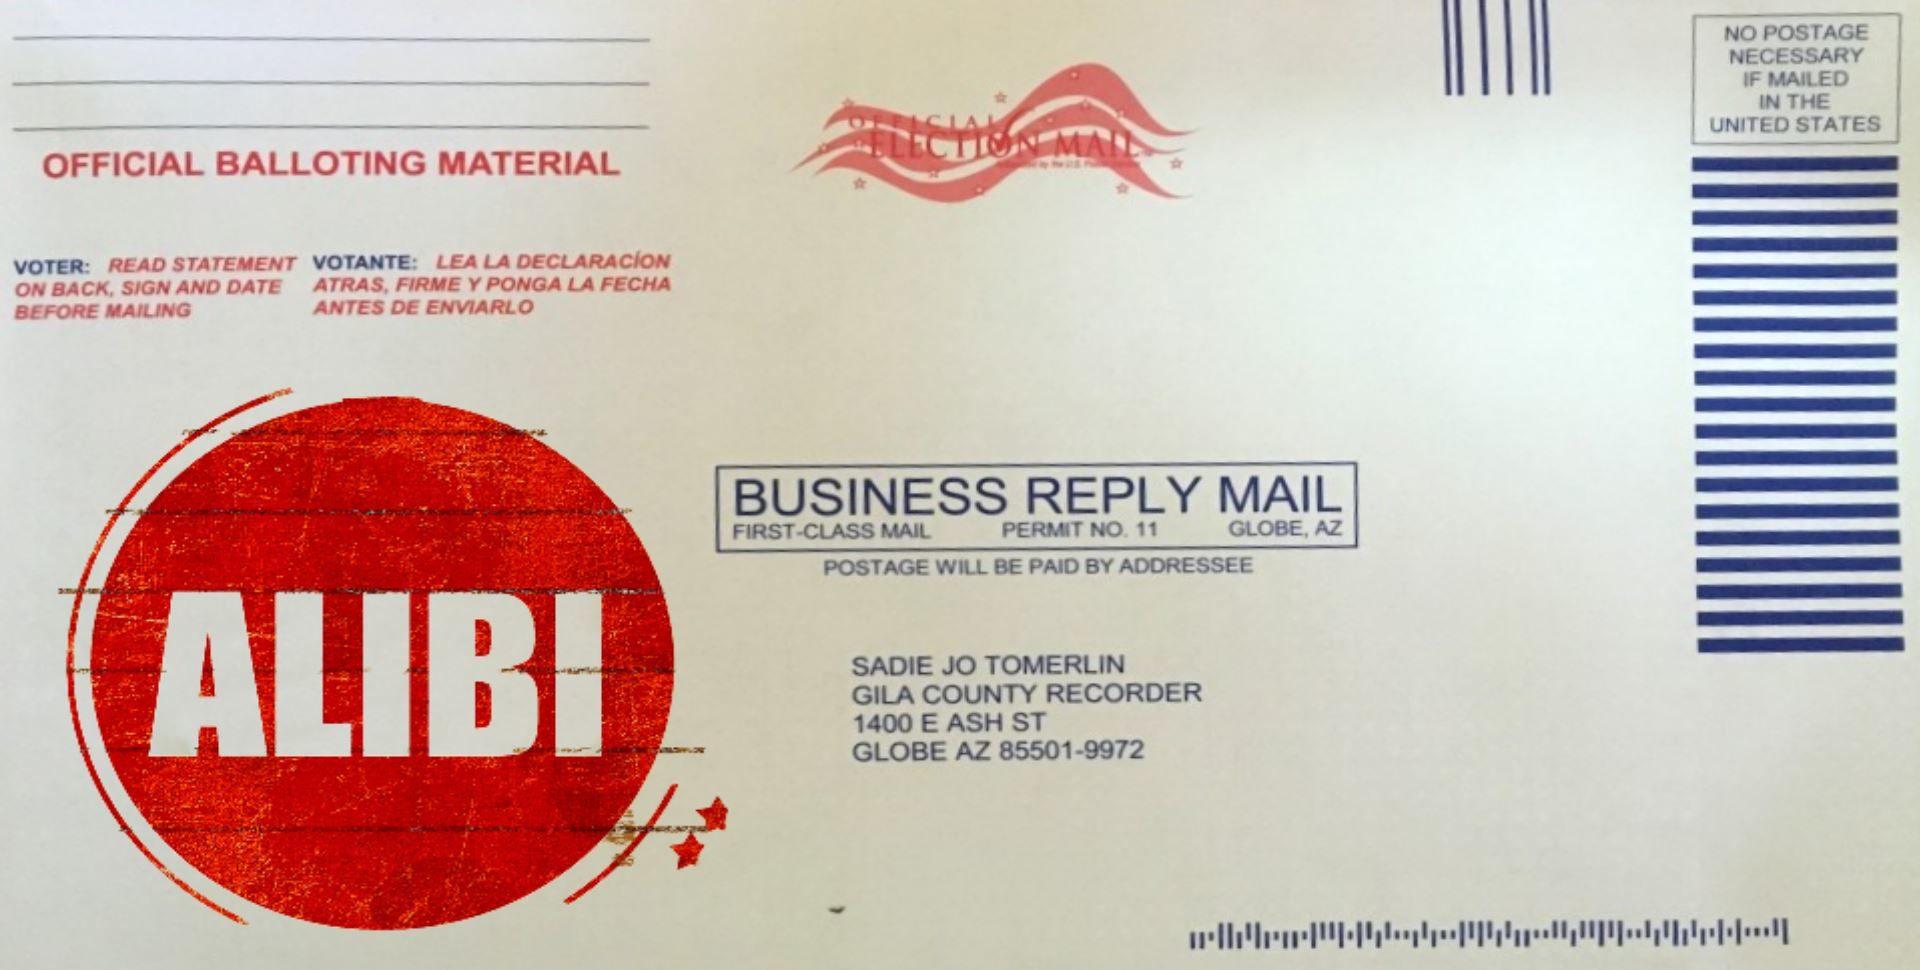 Postkarten aus dem Ausland verschicken.